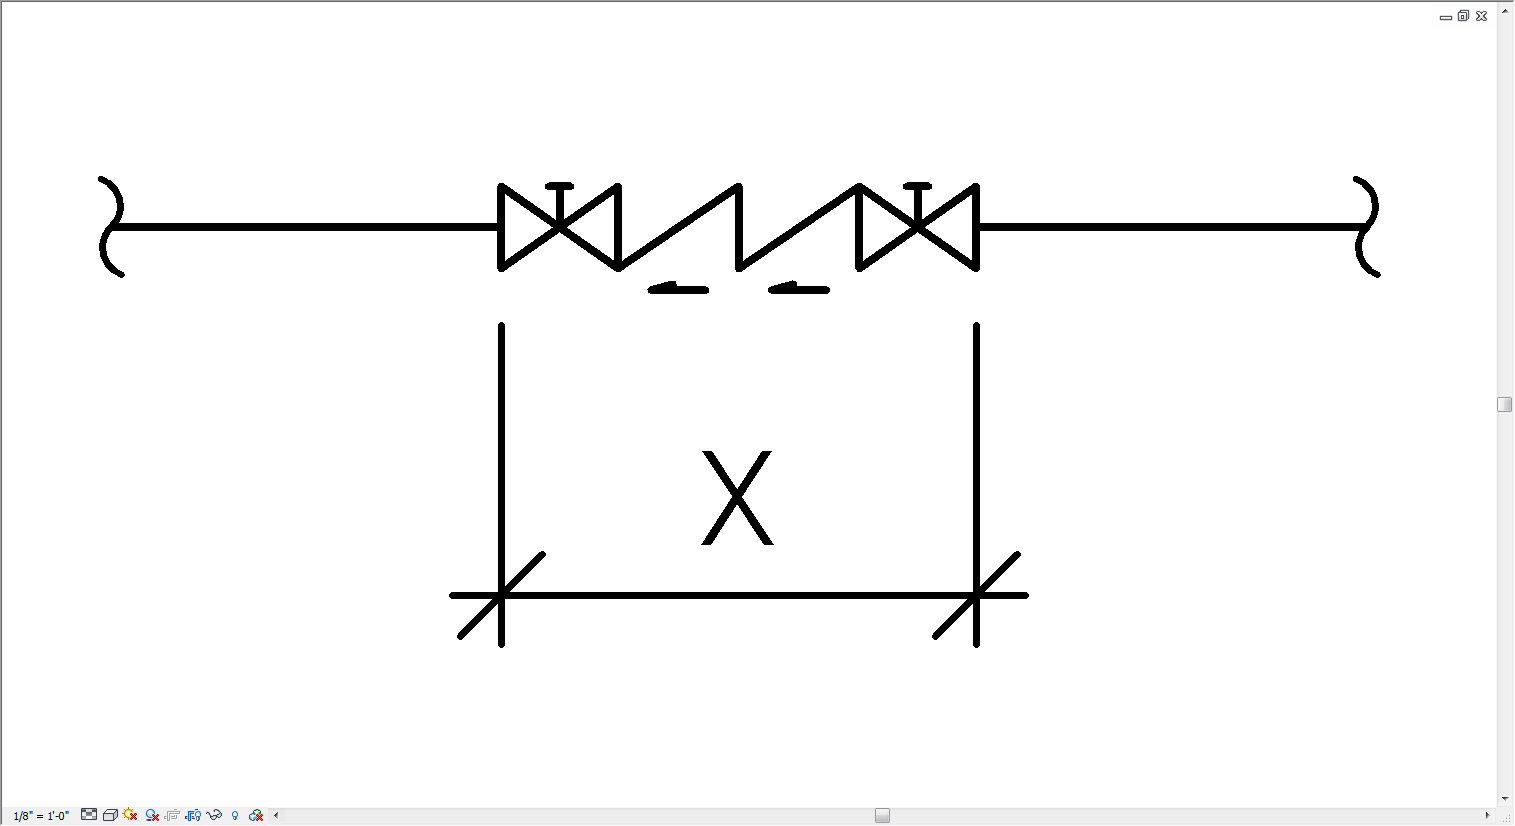 4 Way Valves Wiring Schematic 4 Way Switch Schematic